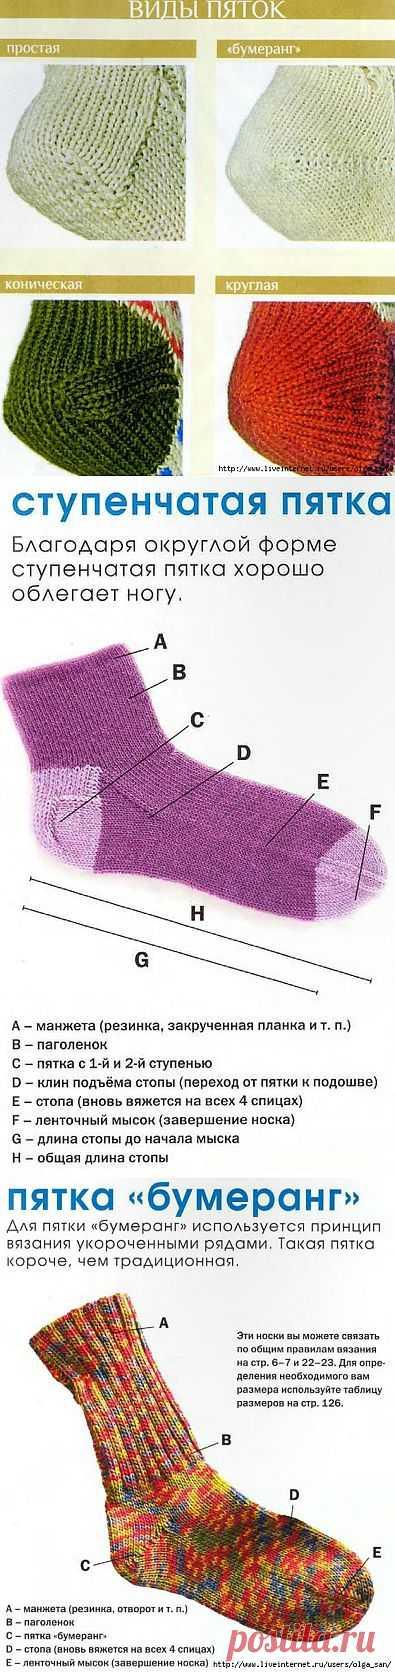 Виды пяток)))